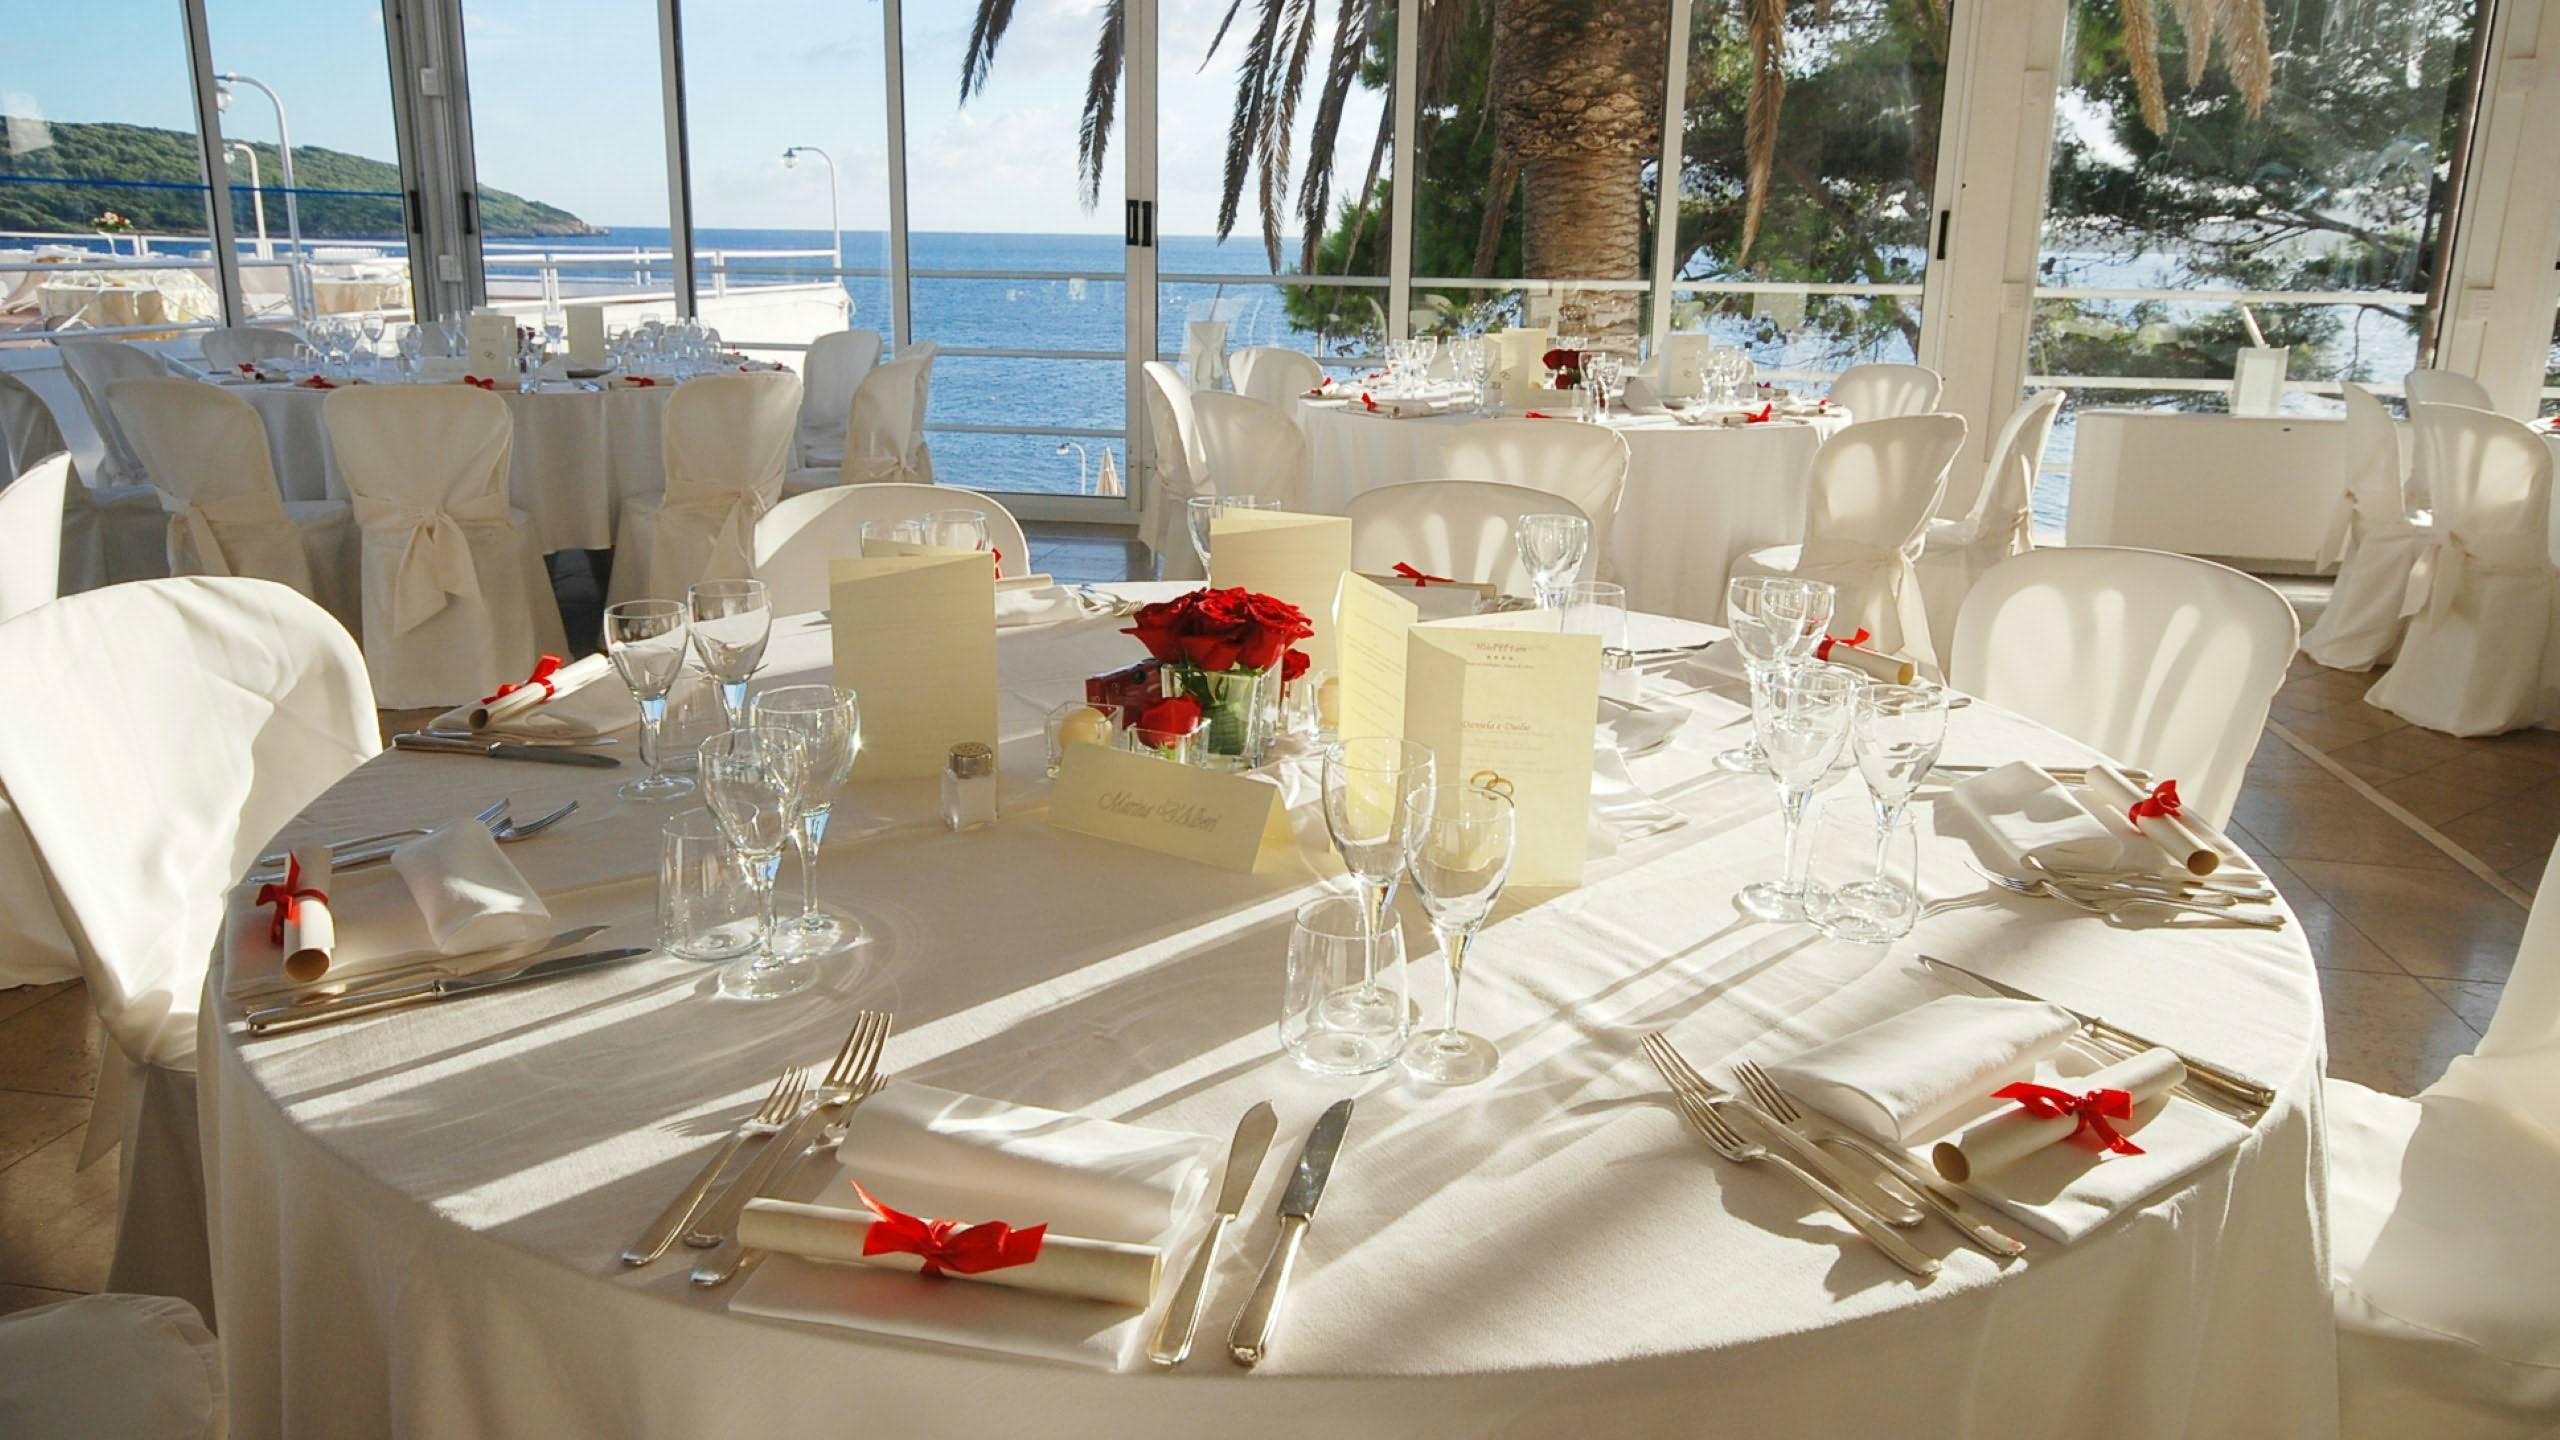 hotel-el-faro-sardegna-alghero-ristorante-3644